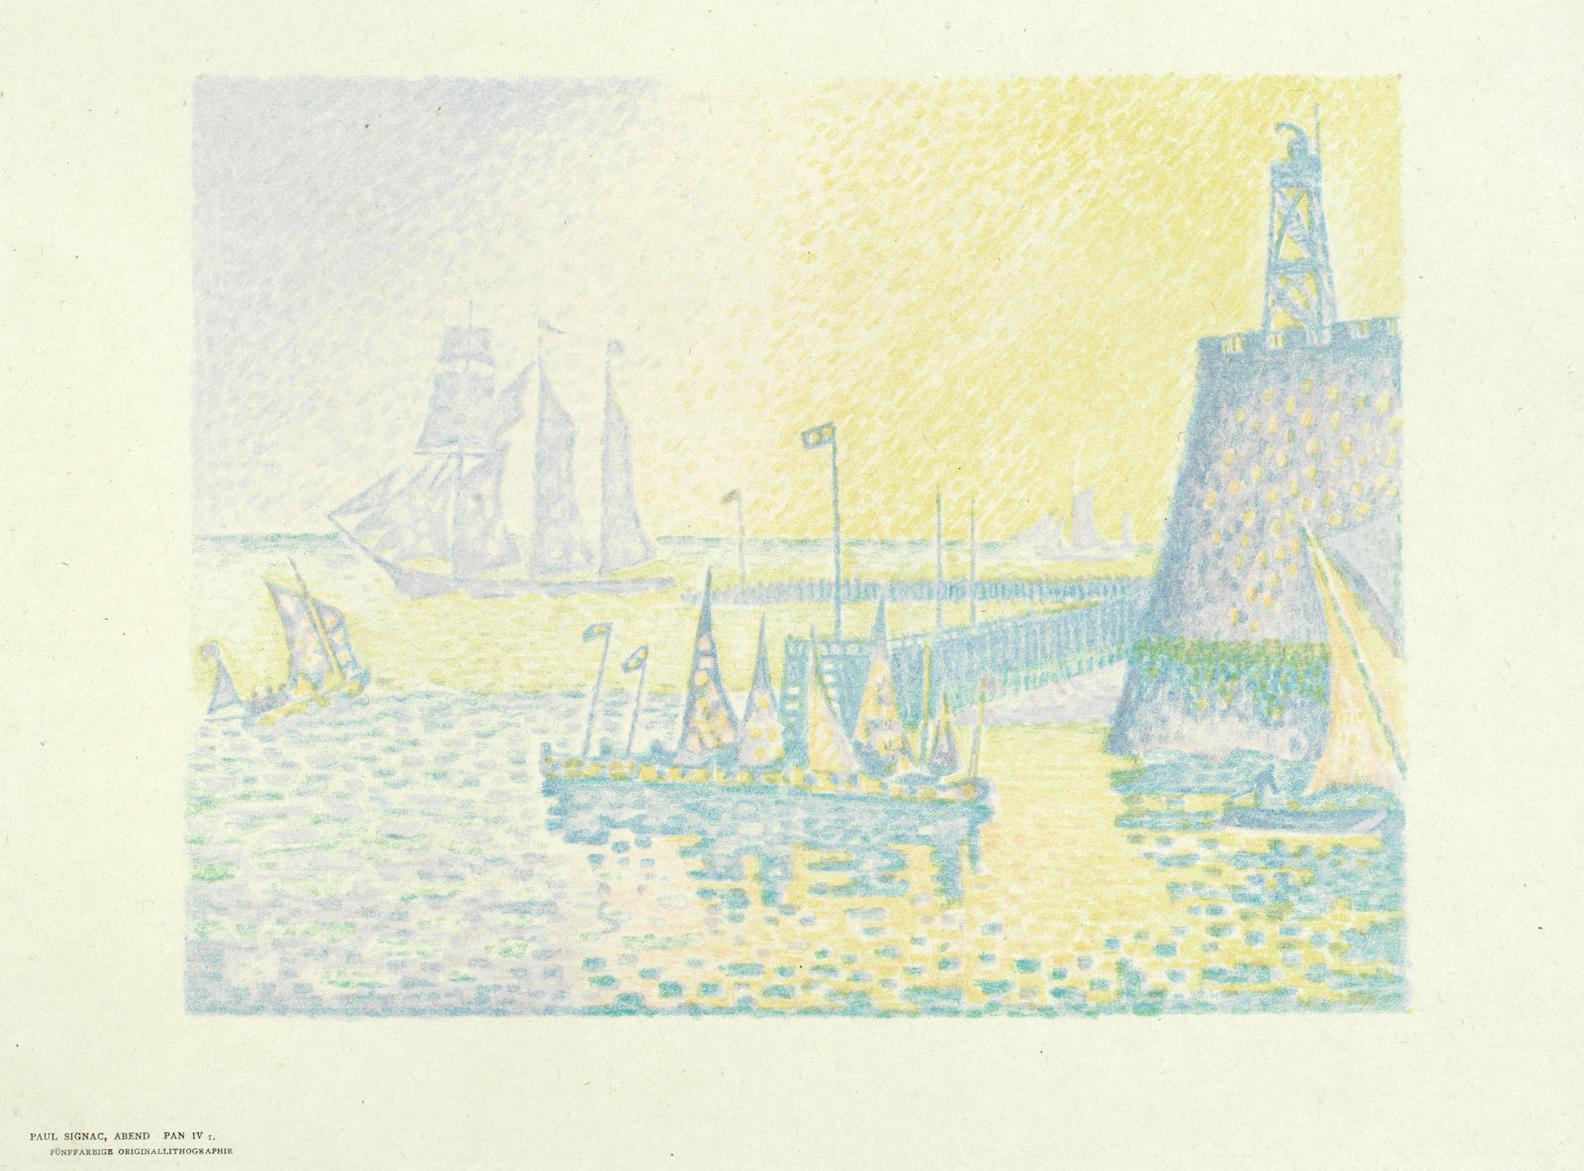 Paul Signac-Le Soir - La Jetee De Flessingue (Kornfeld-Wick 20 II B)-1898